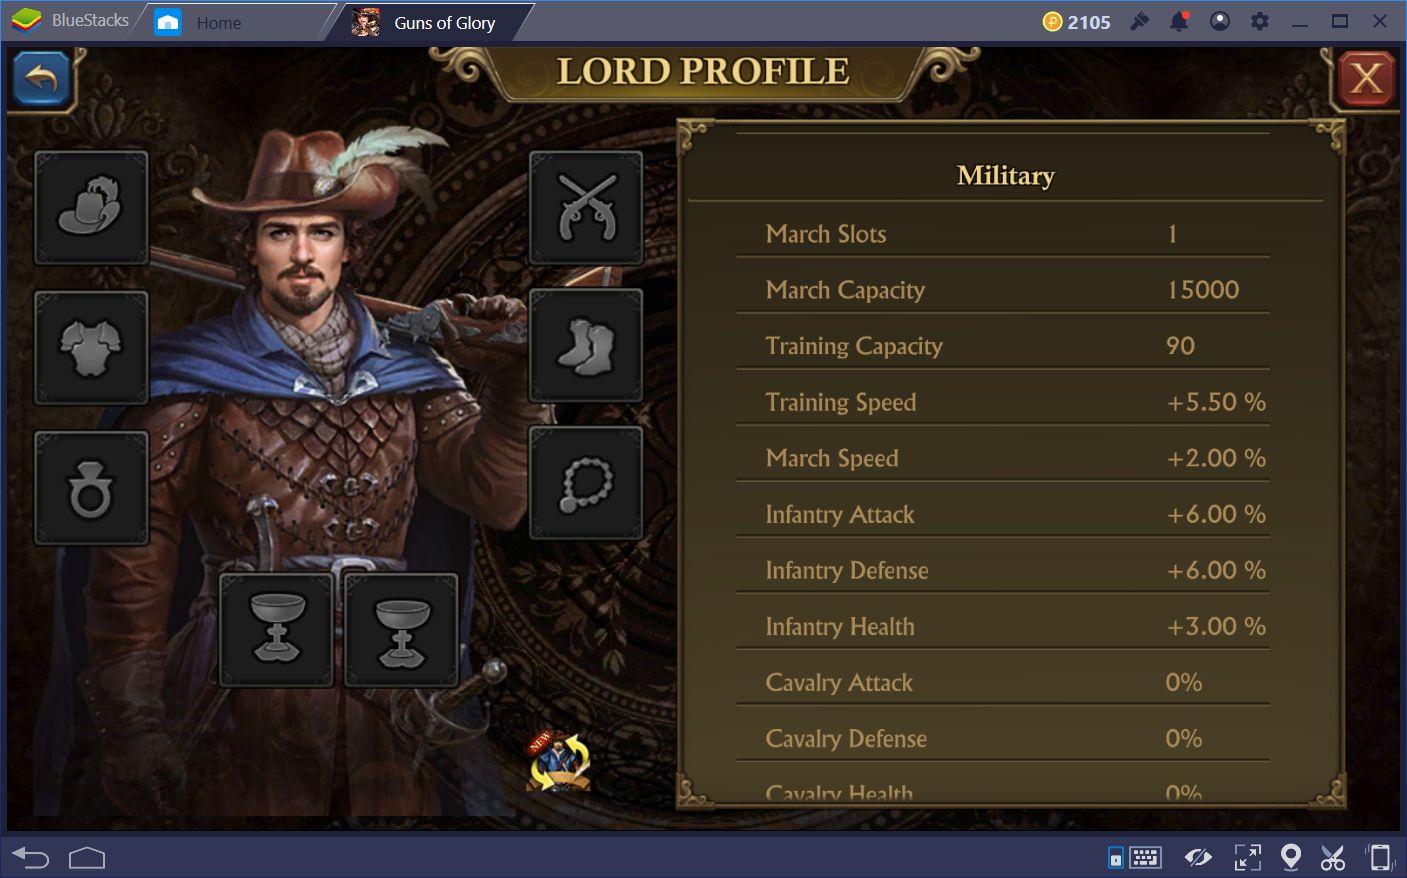 التعزيز مع مبنى الحرس في Guns of Glory على جهاز الكمبيوتر